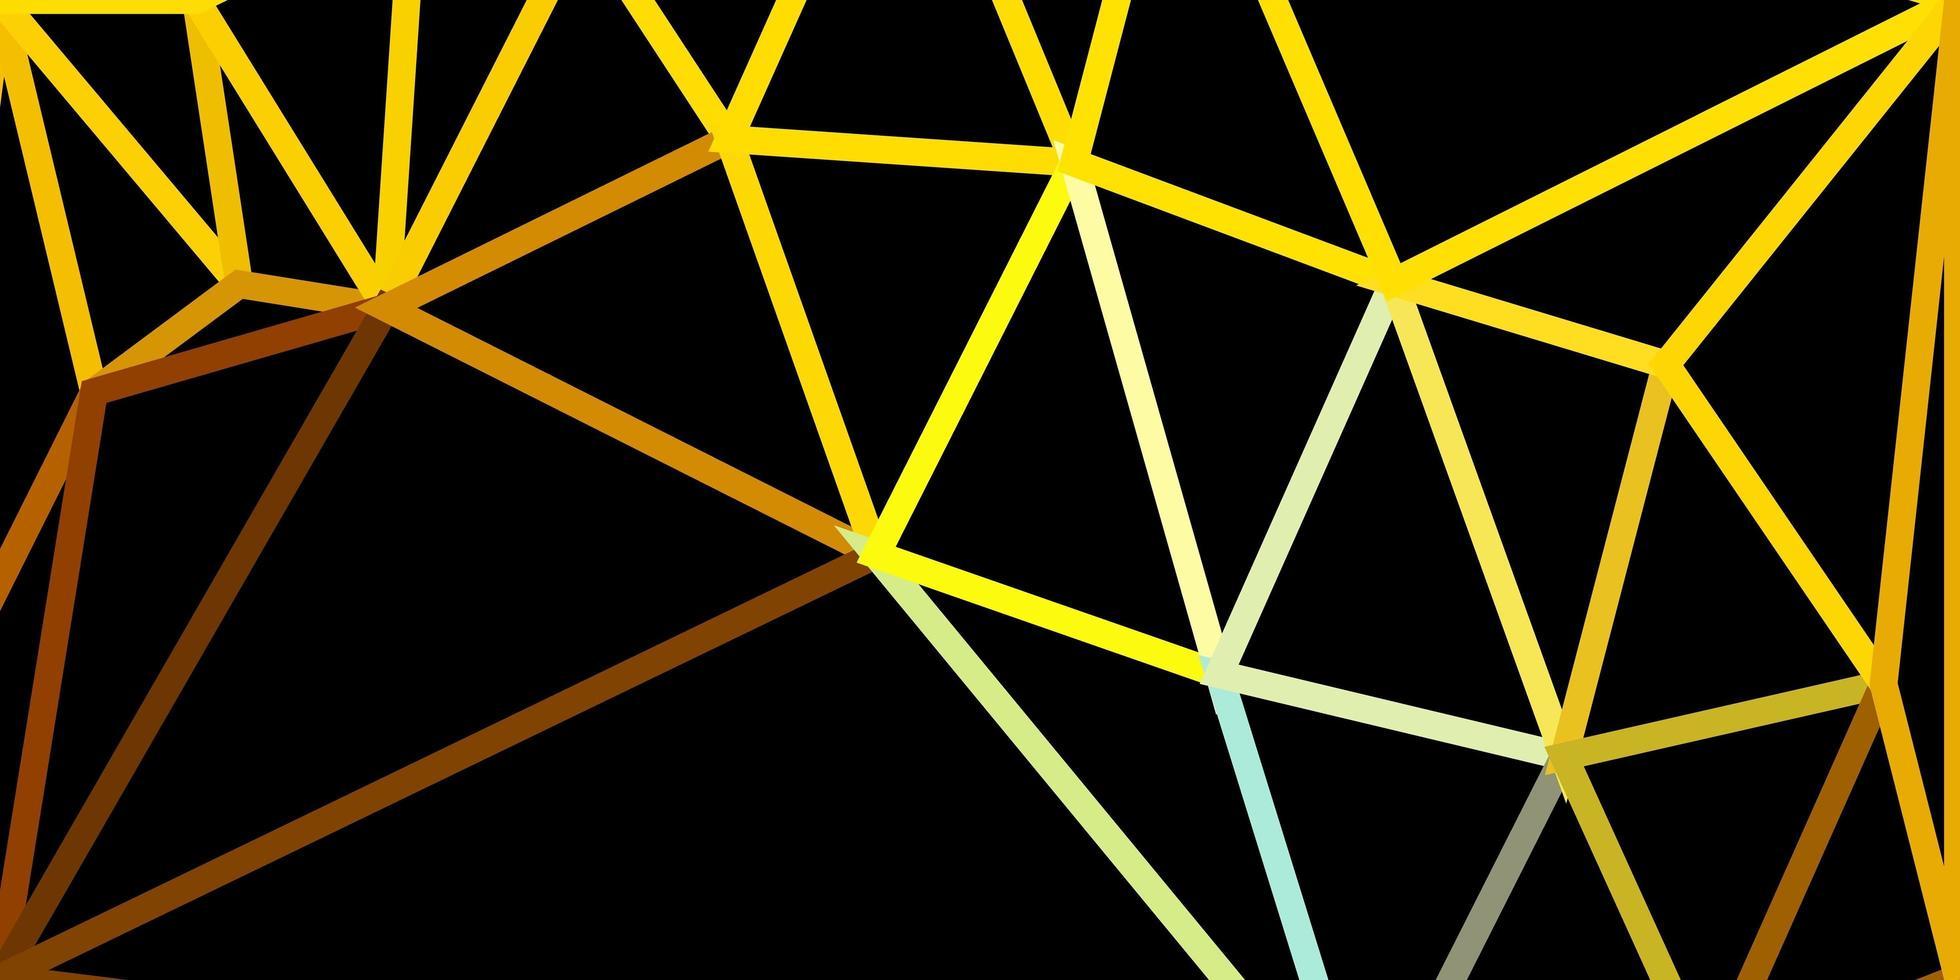 hellblaue, gelbe Vektorgradienten-Polygontapete. vektor